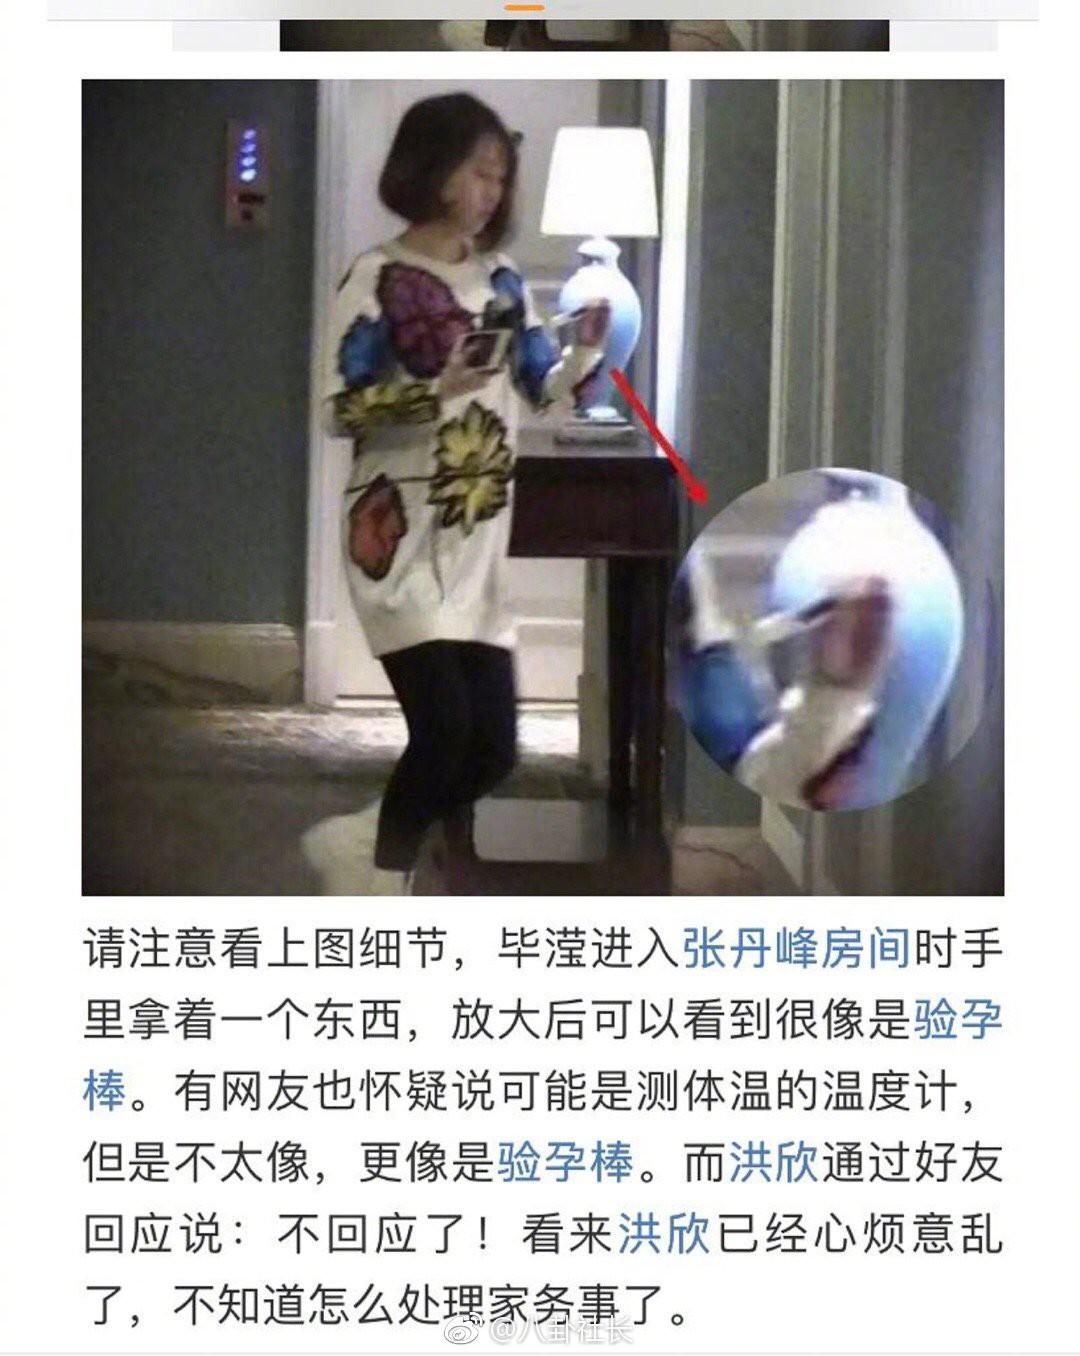 Drama ngoại tình hot nhất Cbiz: Sao nam chính thức lên tiếng, netizen phẫn nộ dữ dội vì tiểu tam được bênh vực - Ảnh 3.